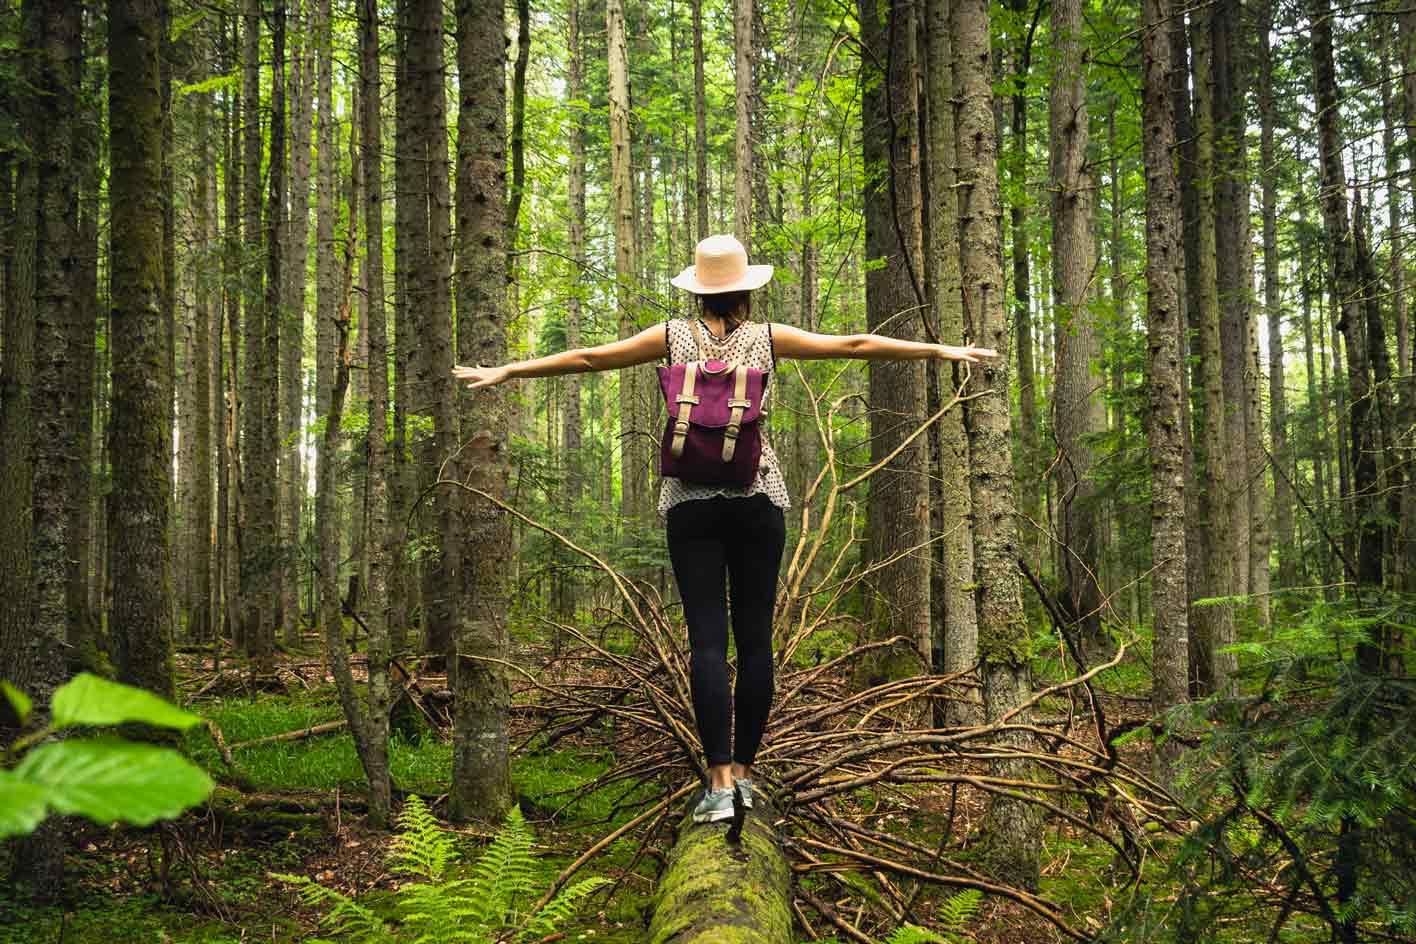 (re) donner du sens à sa vie professionnelle et/ou personnelle, PotenSiel, Solenne Perrinjaquet, liberté, authenticité, respect